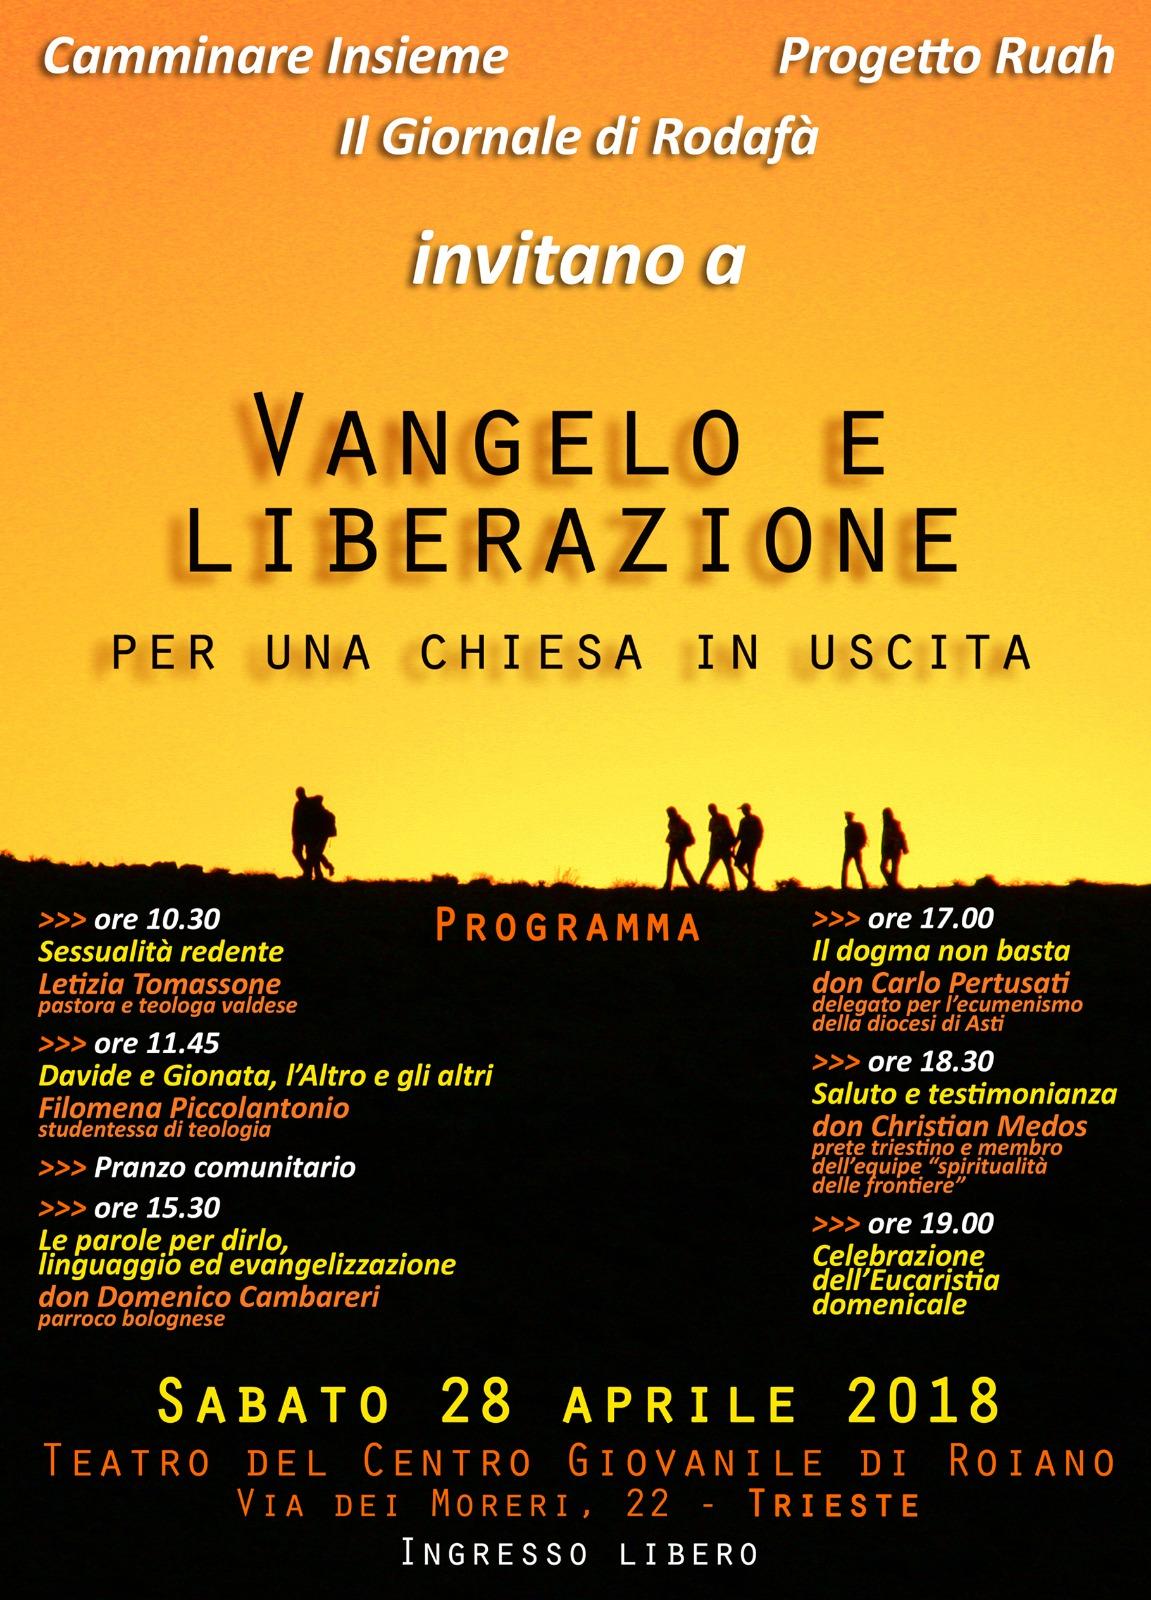 28.04.2018, TRIESTE: Vangelo e liberazione, per una chiesa in uscita @ Teatro del Centro Giovanile di Roiano | Trieste | Friuli-Venezia Giulia | Italia